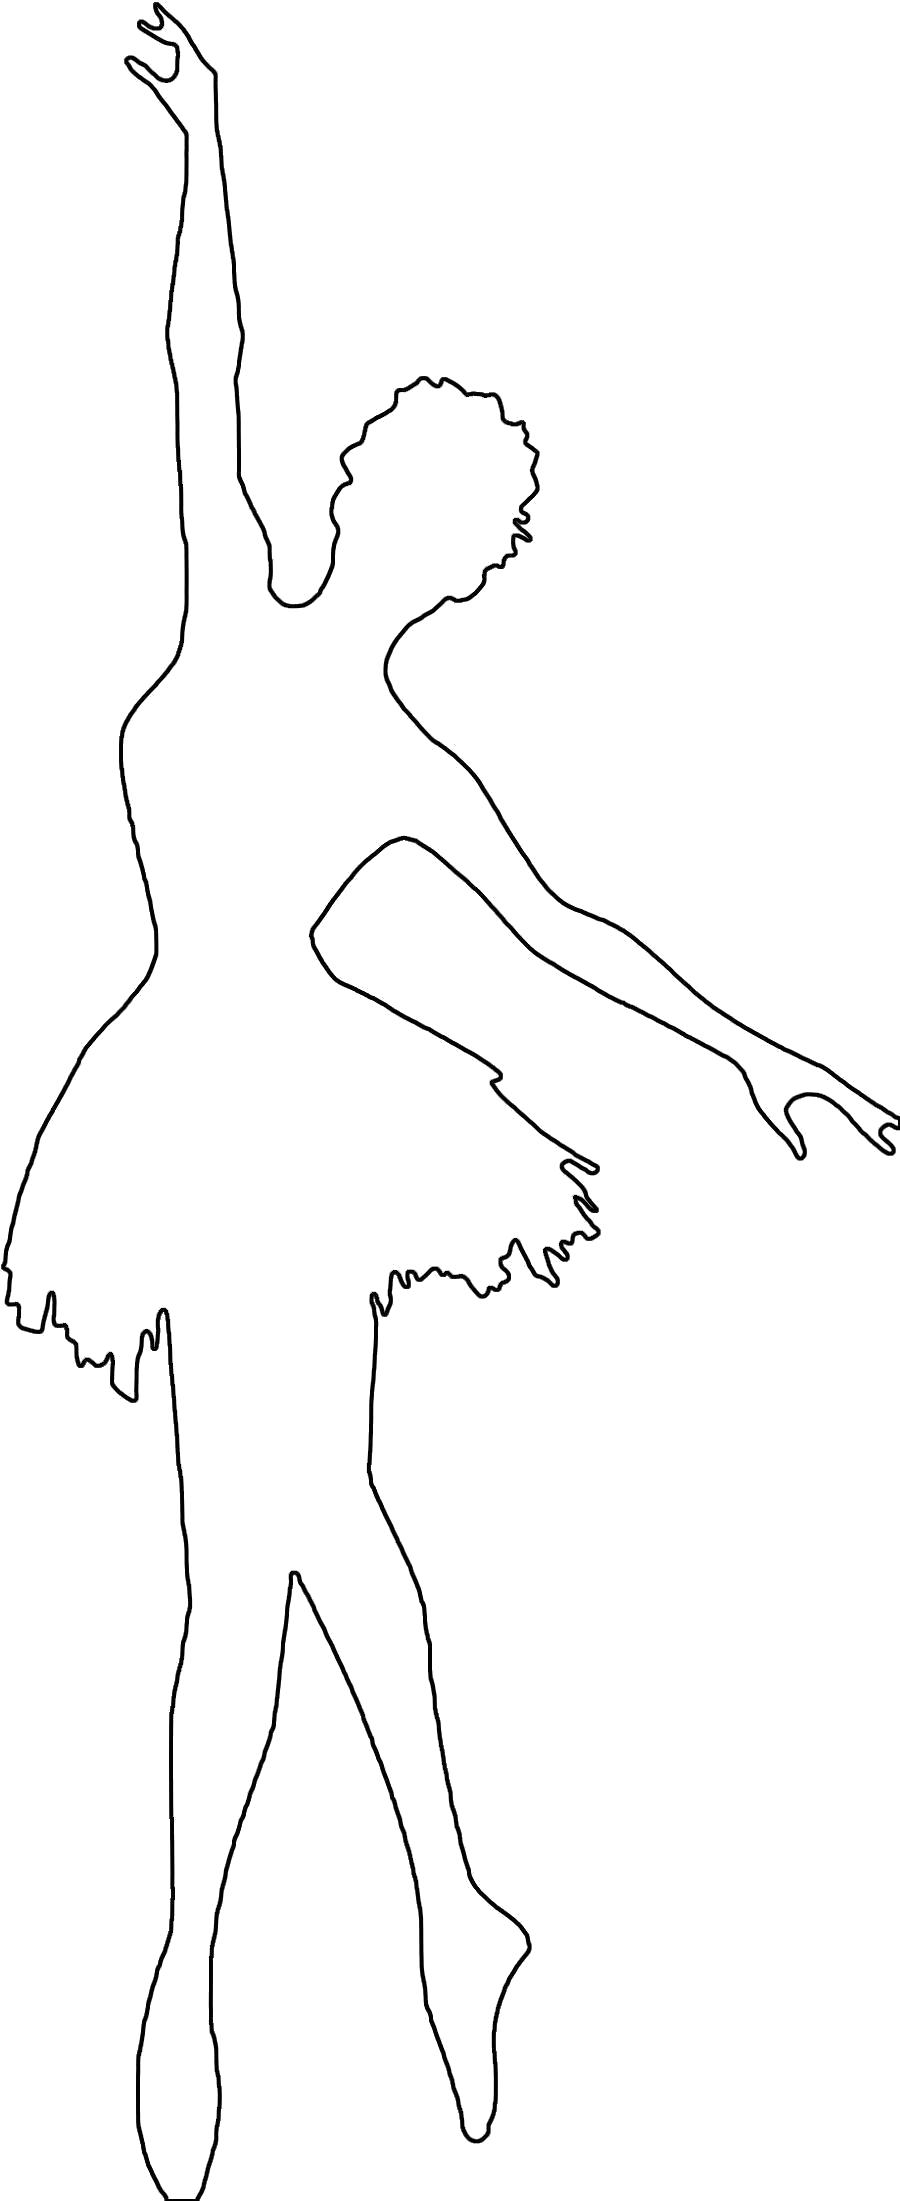 Раскраска  шаблоны балерин балерина контур для вырезки из бумаги, для детского творчества. Скачать Шаблон.  Распечатать Шаблон